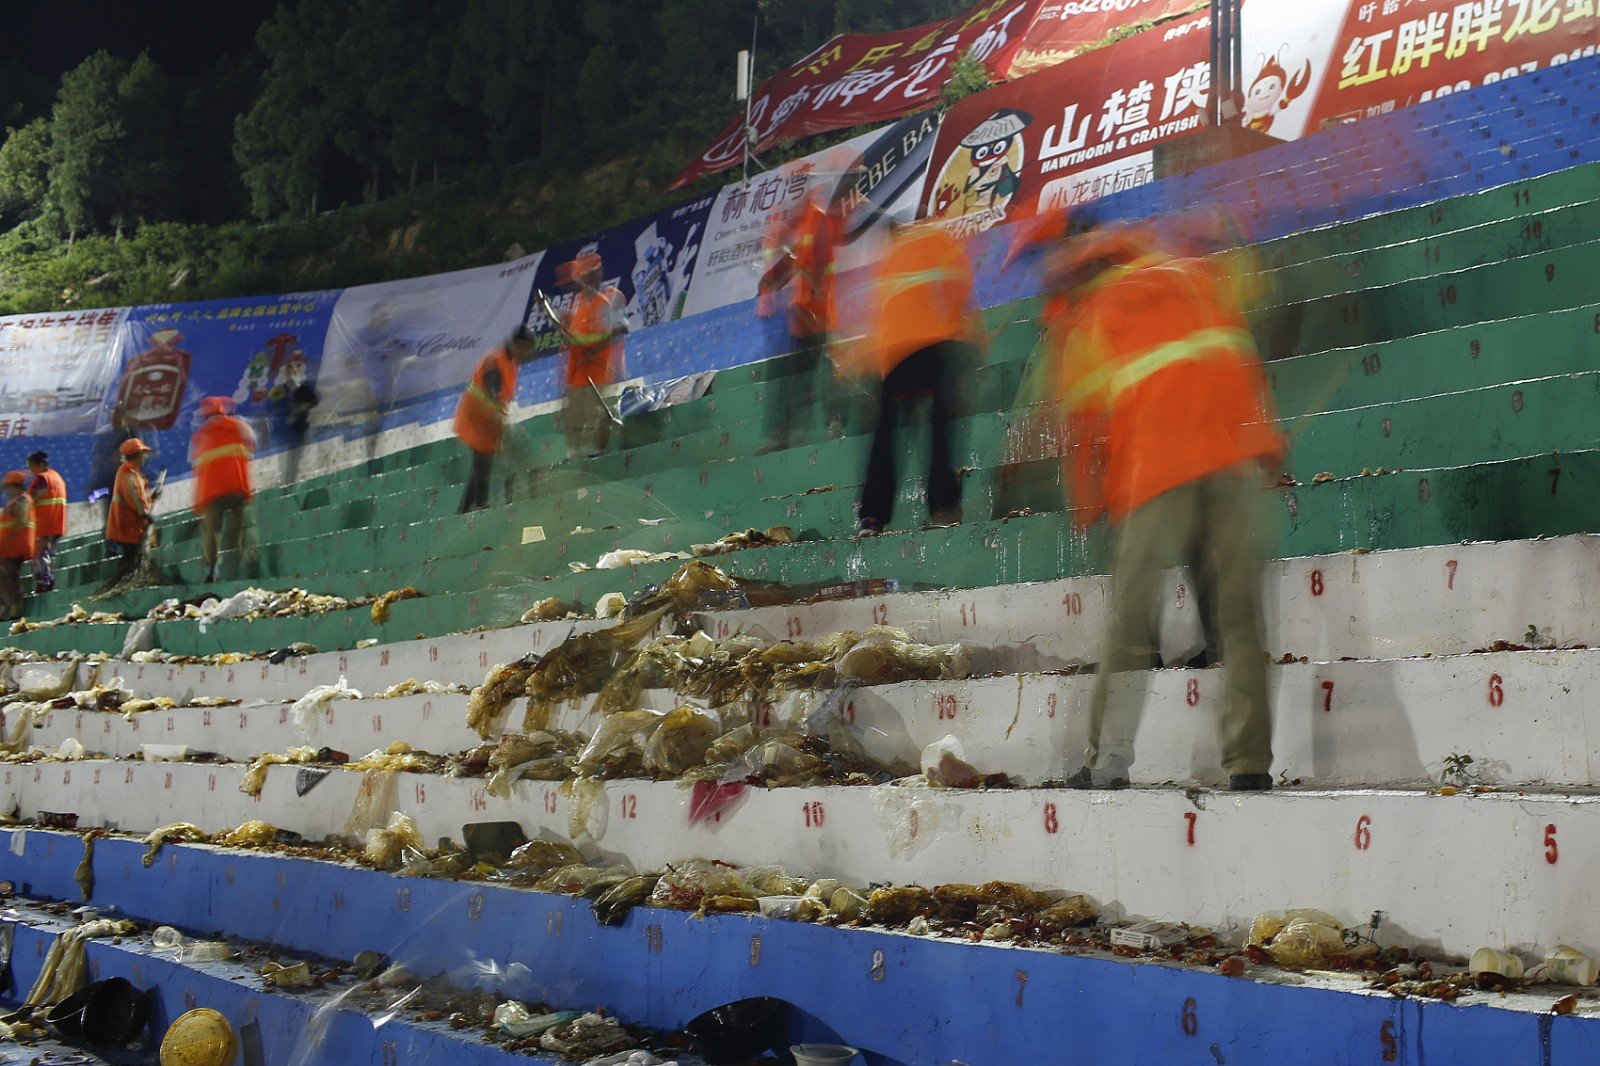 2018年6月14日凌晨,在江苏省盱眙县都梁公园龙虾广场,环卫工人清扫垃圾。